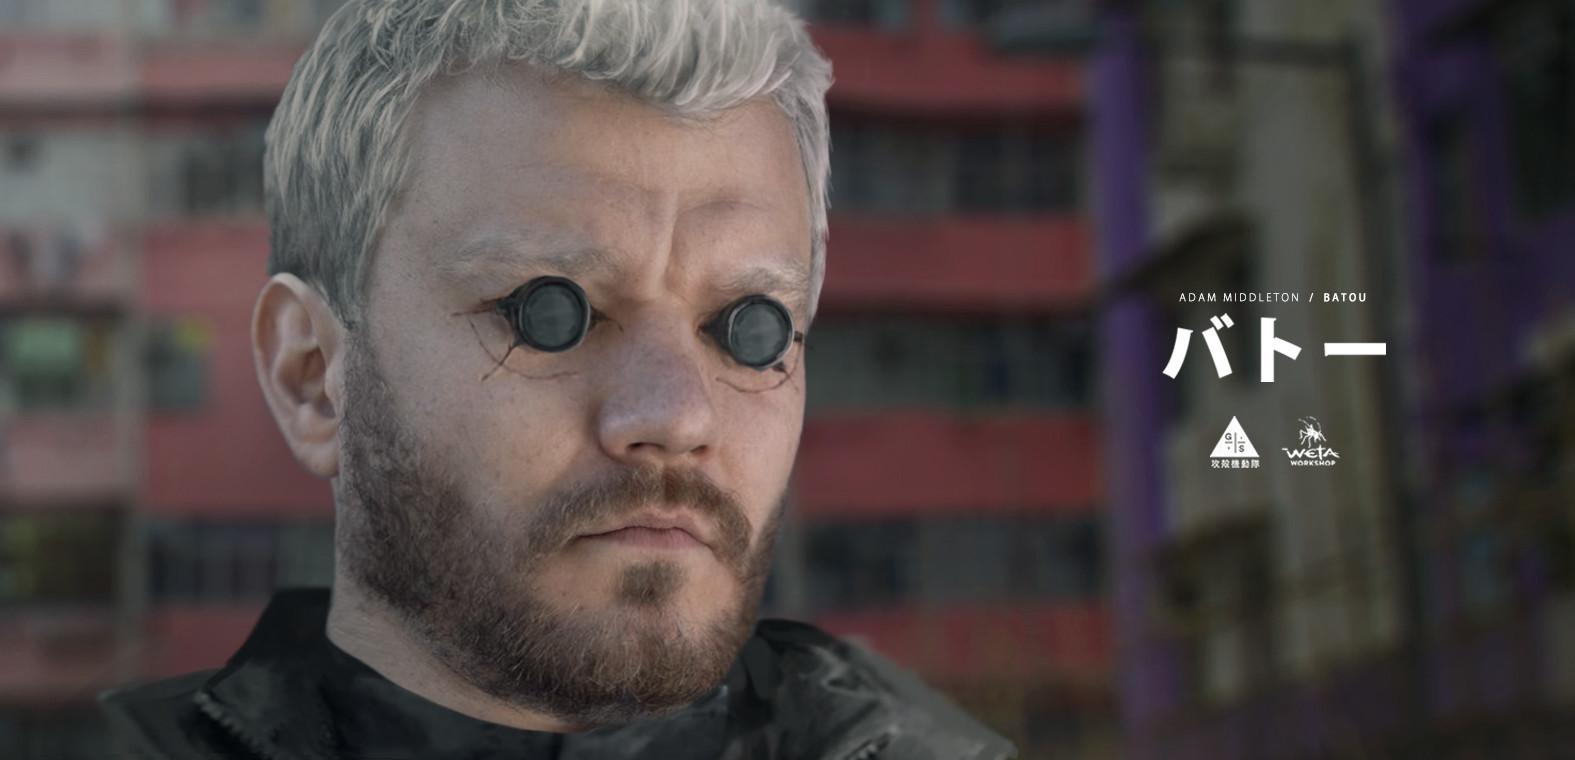 Batou's eye augmentation